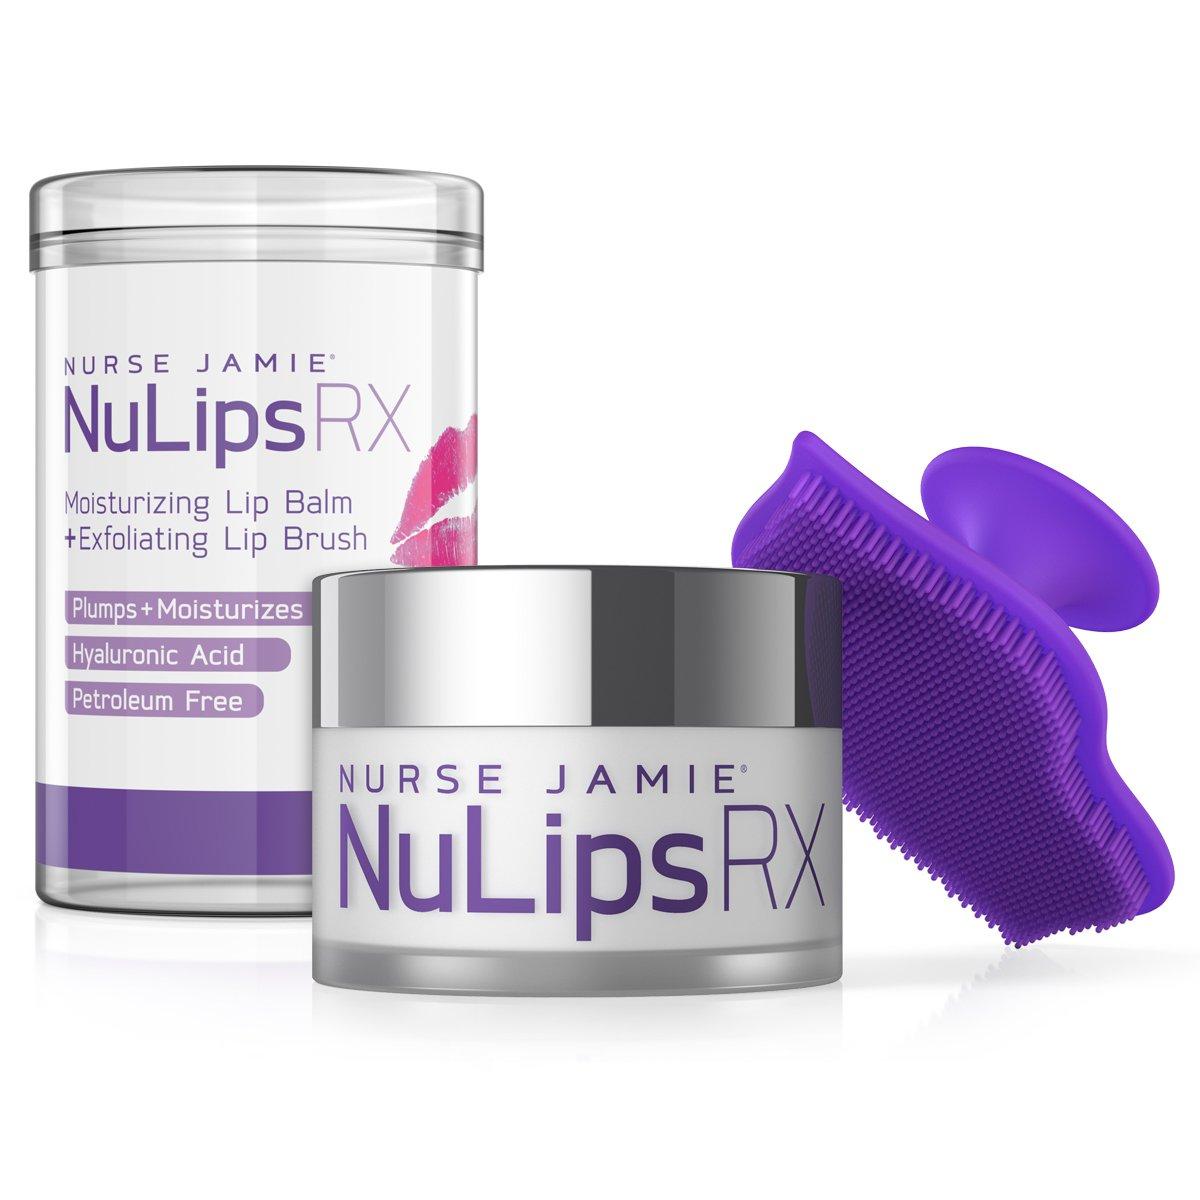 Nurse Jamie Nulips RX Moisturizing Lip Balm & Exfoliating Lip Brush by Nurse Jamie (Image #1)